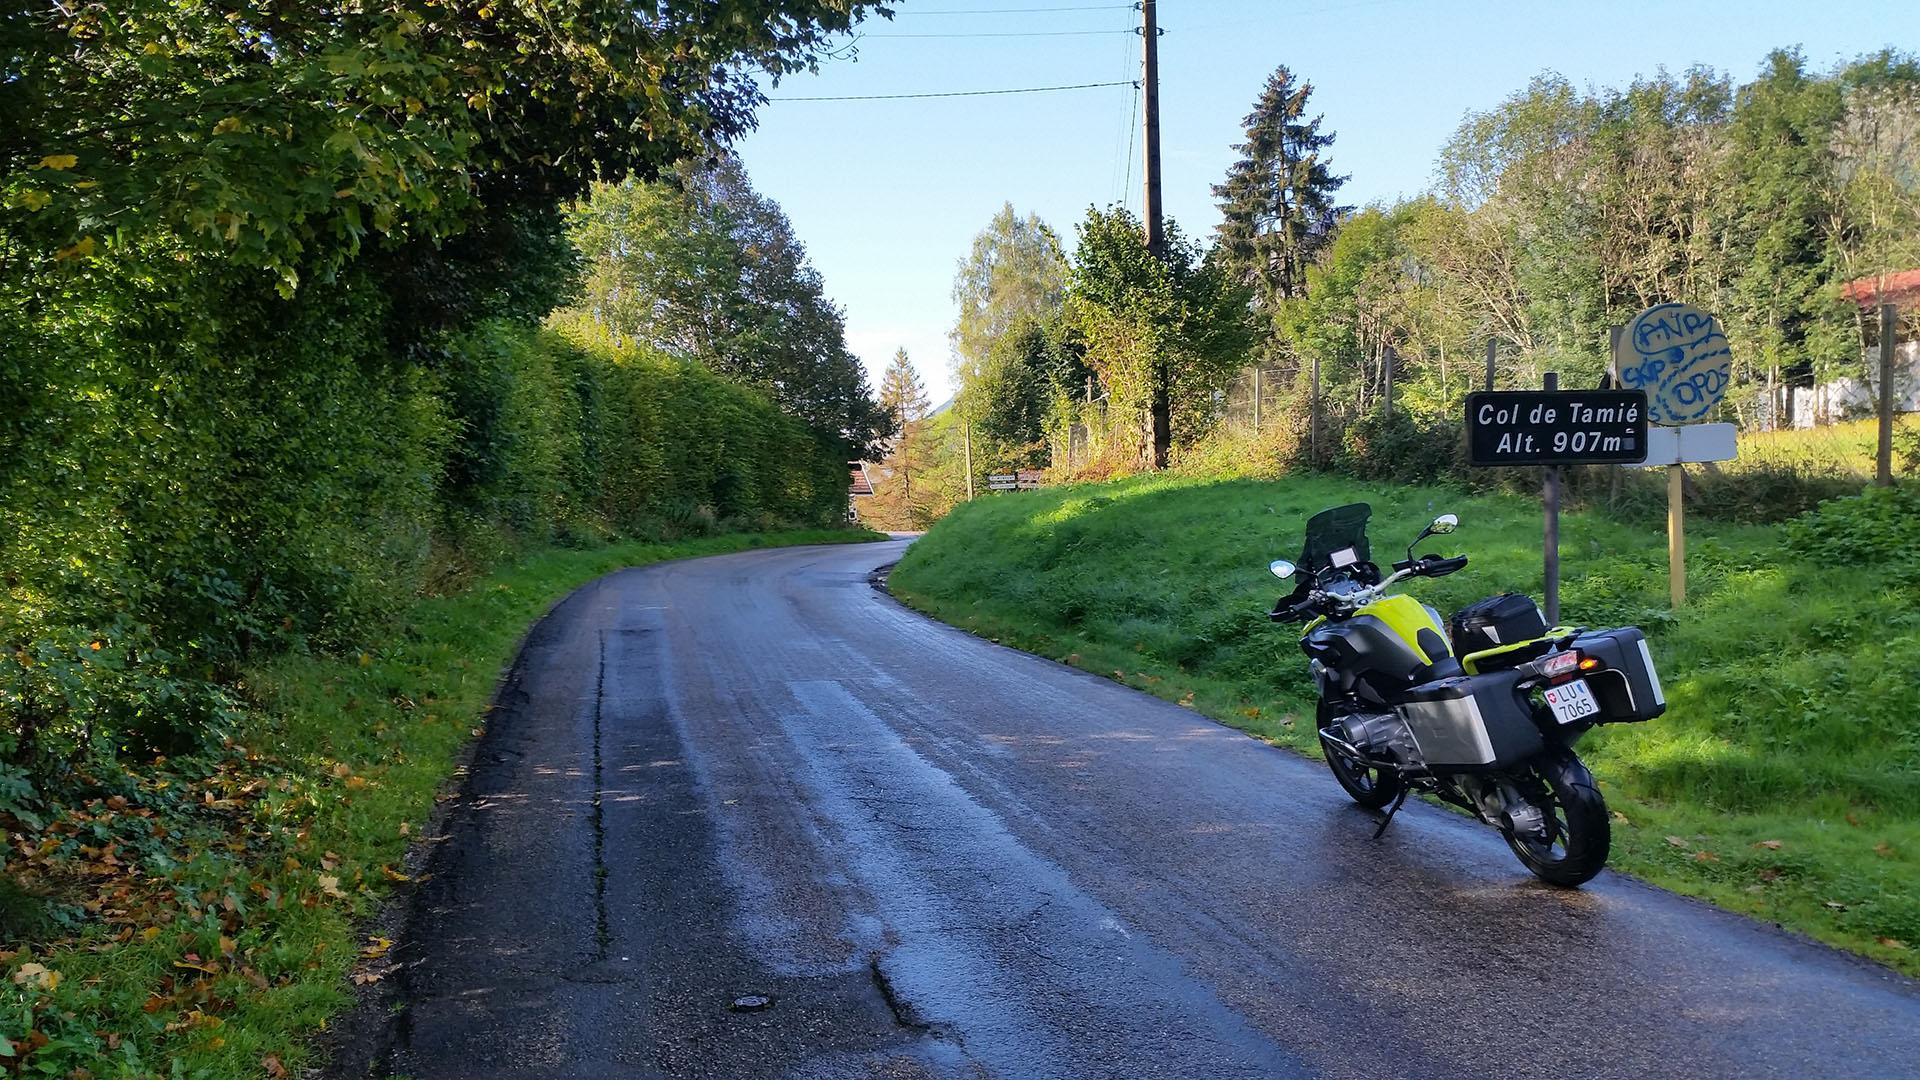 0907 - F - Col de Tamié